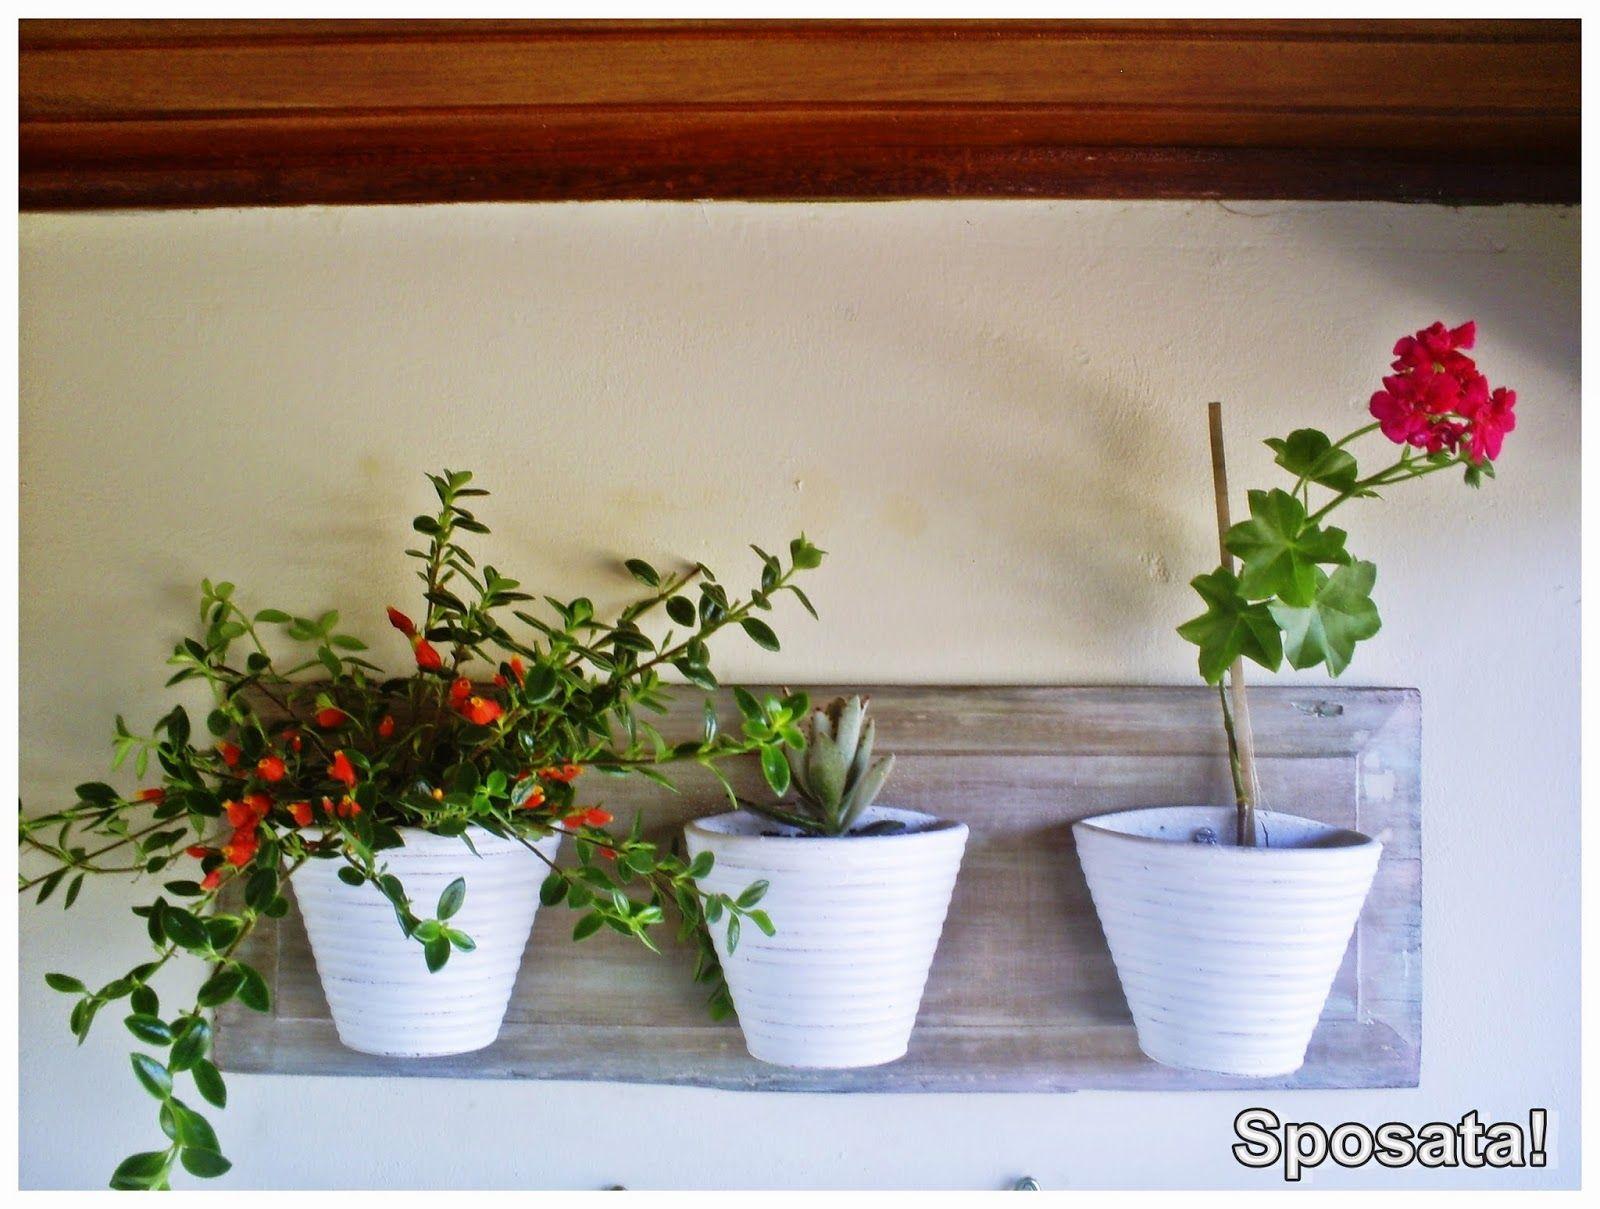 Sposata!: Blogagem Coletiva 1 Projeto por Mês (junho) | Jardim vertical feito com madeira reciclada